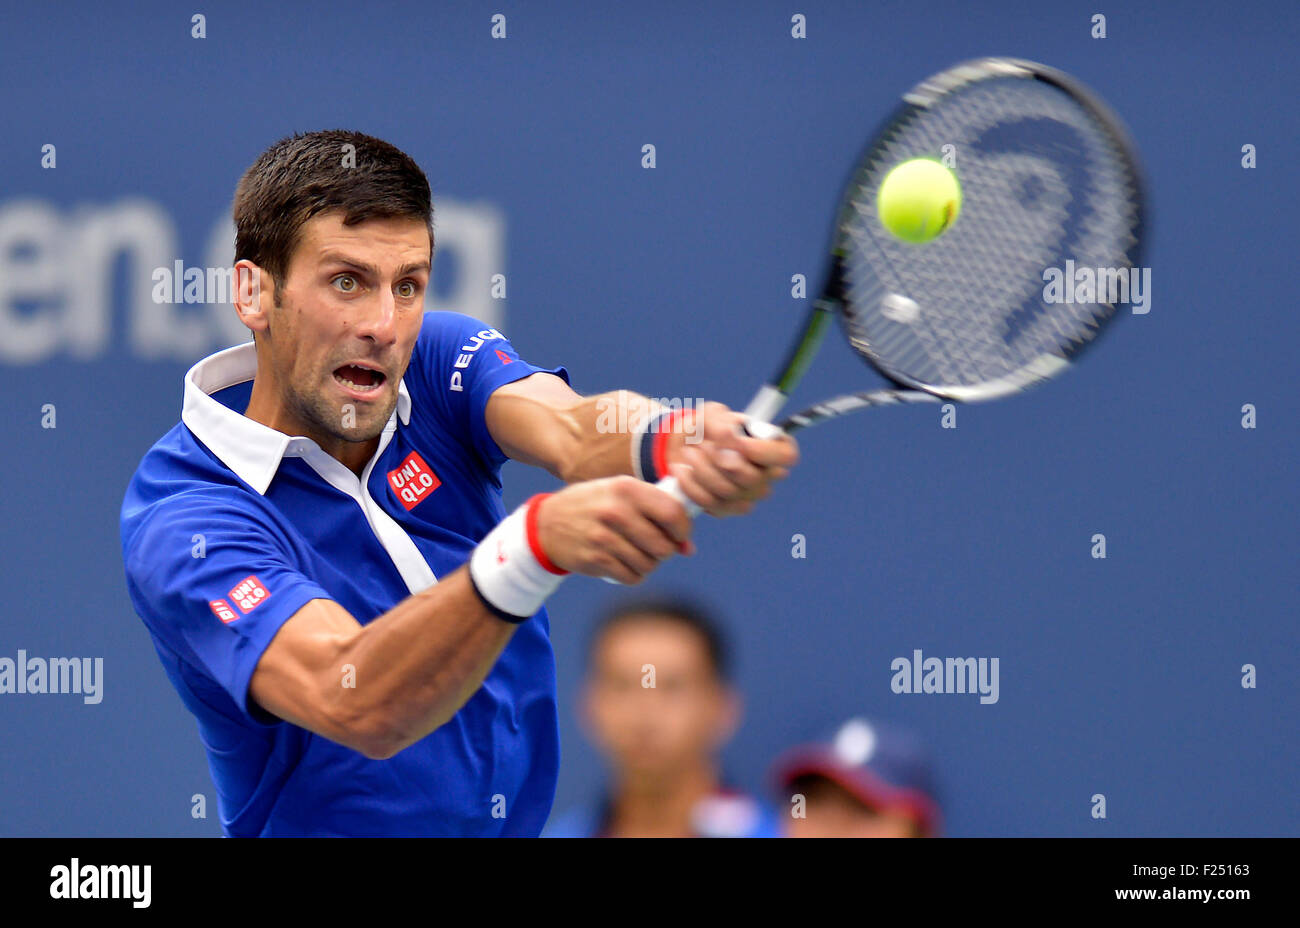 New York, USA. 11. September, 2015. Novak Djokovic Serbien gibt einen Schuss an Marin Cilic Kroatien während Stockbild